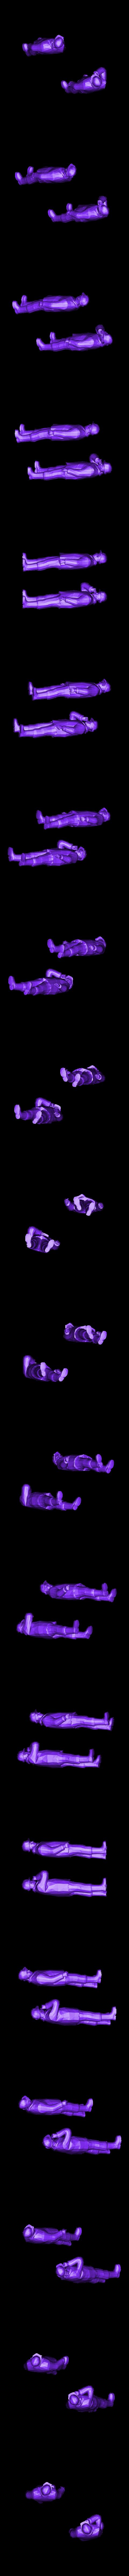 namornici.stl Download STL file MONAKO RC MODEL BOAT TUG • 3D printable template, maca-artwork